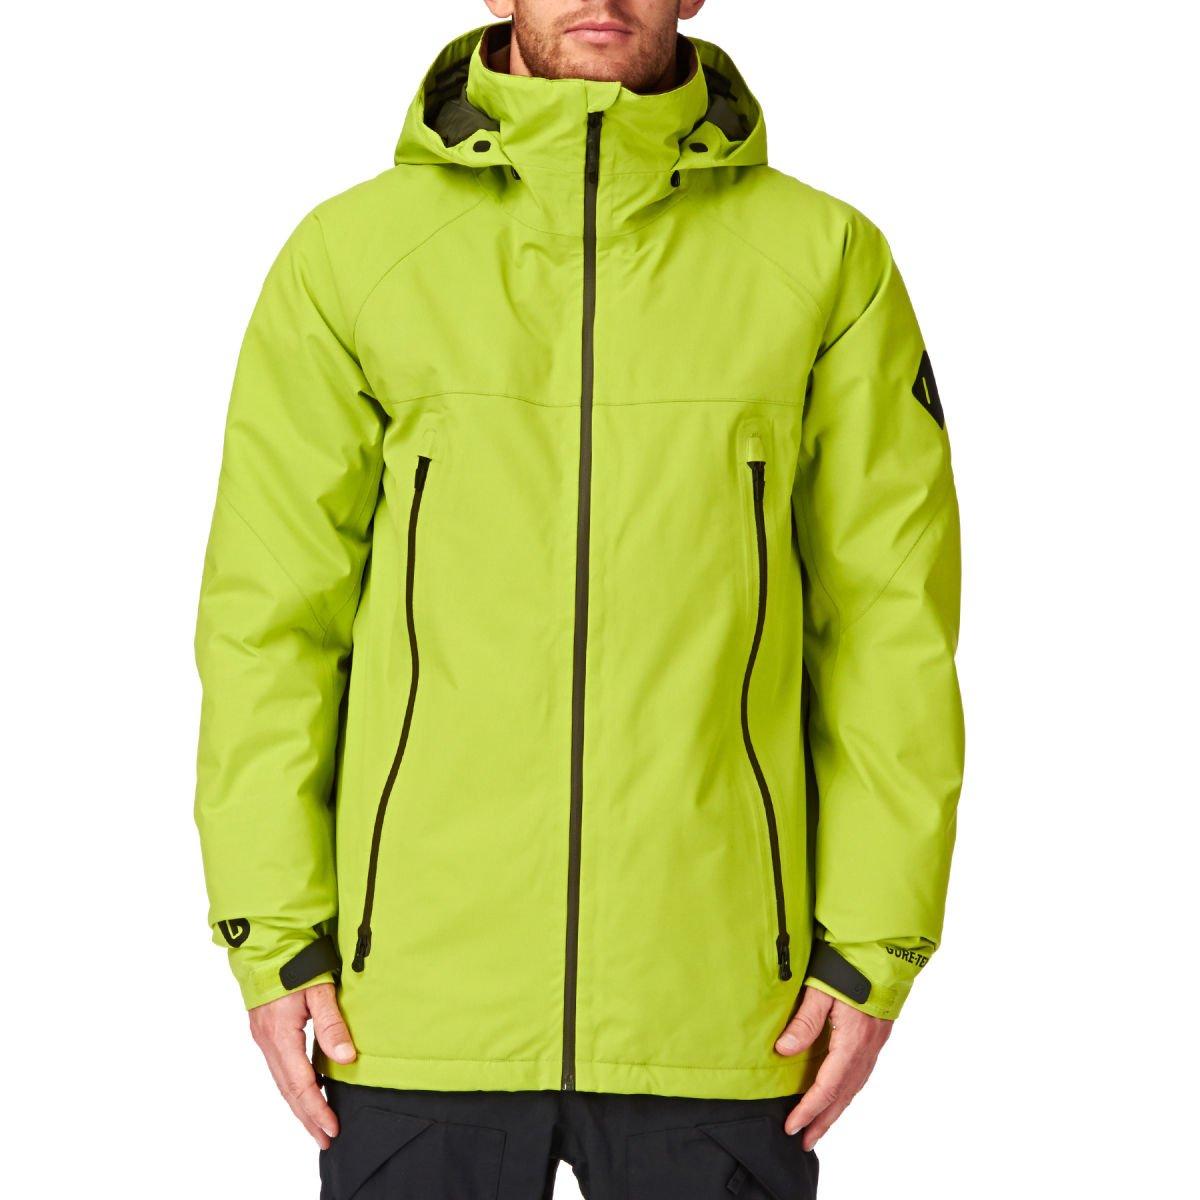 Burton Ether Snow Jacket – Venom jetzt bestellen